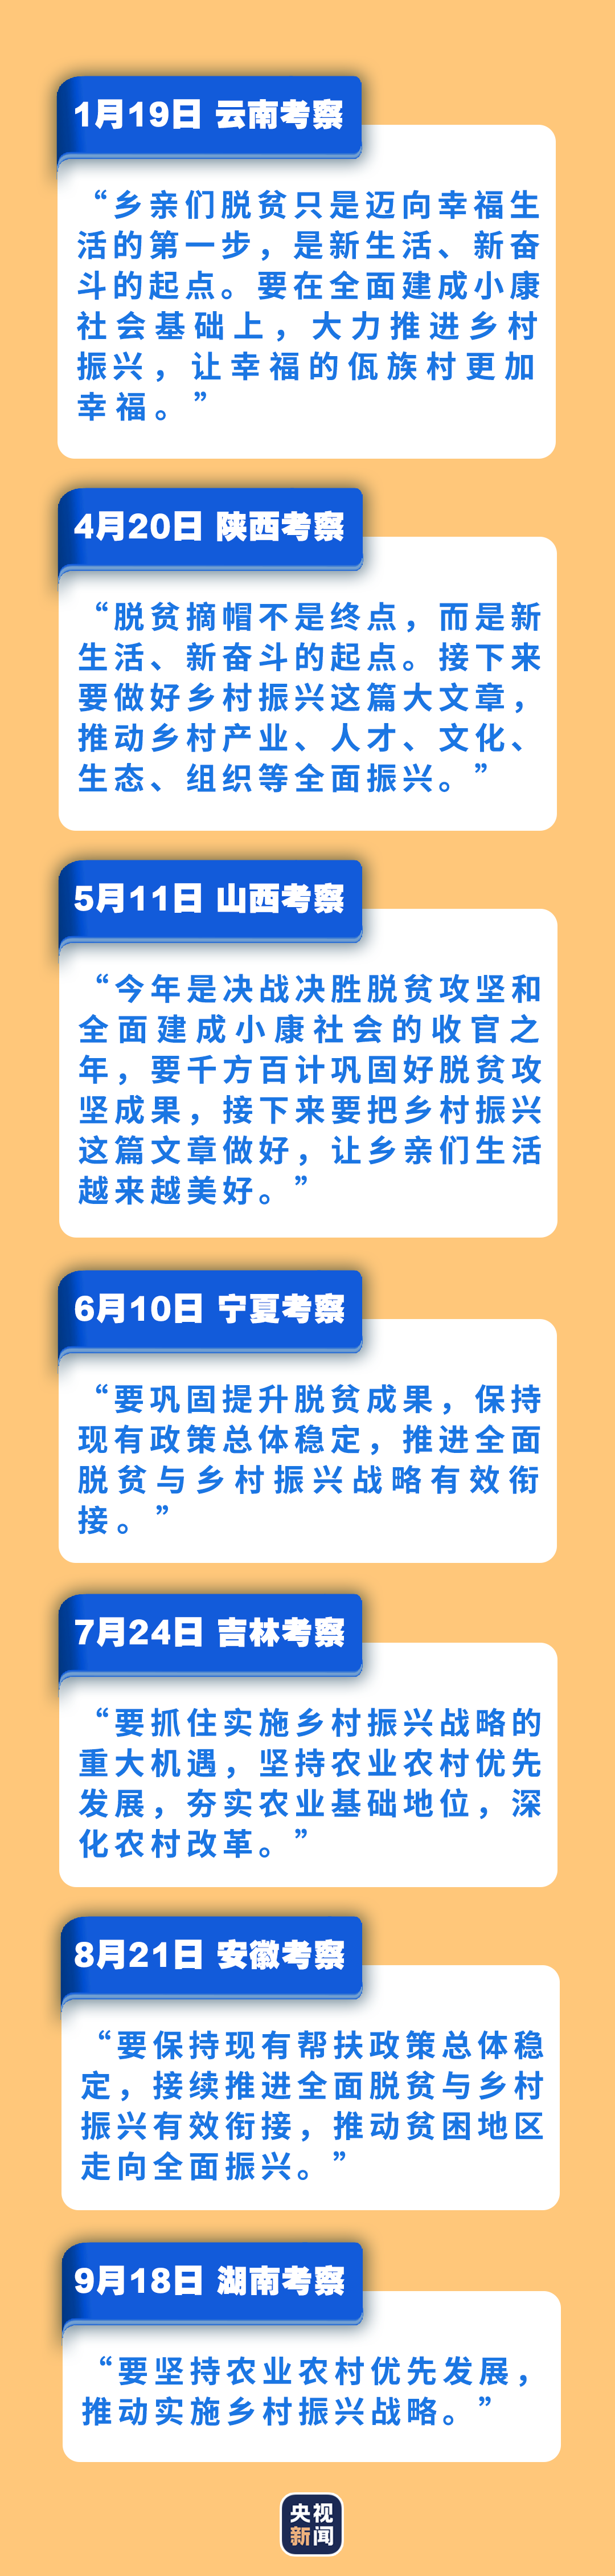 """习近平心中的""""三农""""画卷(图10)"""